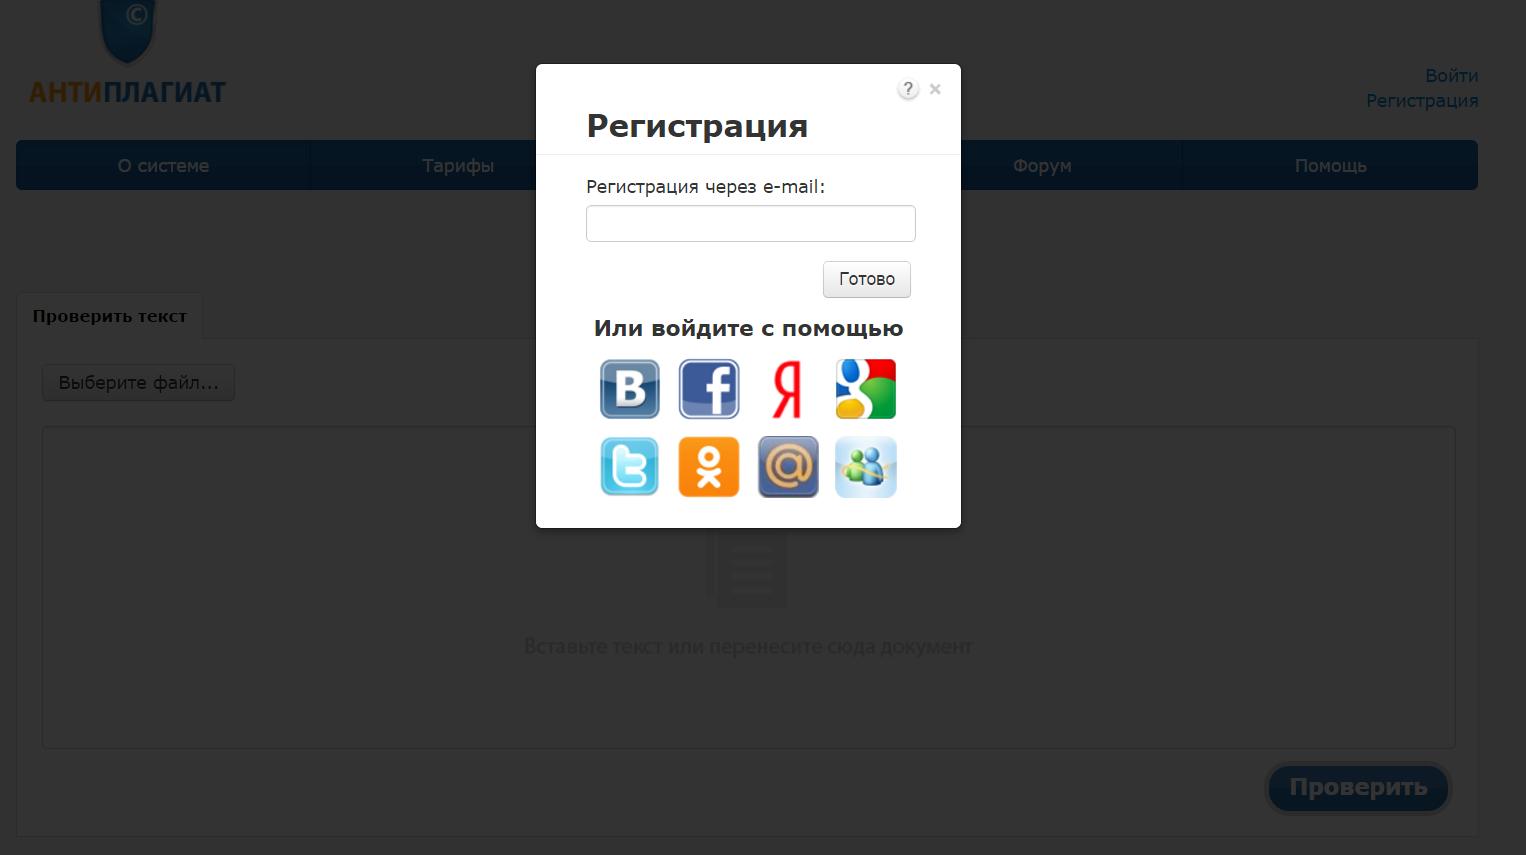 ru Антиплагиат экспресс Антиплагиат проверка онлайн Можем порекомендовать сделать выбор в пользу того или иного способа регистрации в зависимости от следующих условий и особенностей